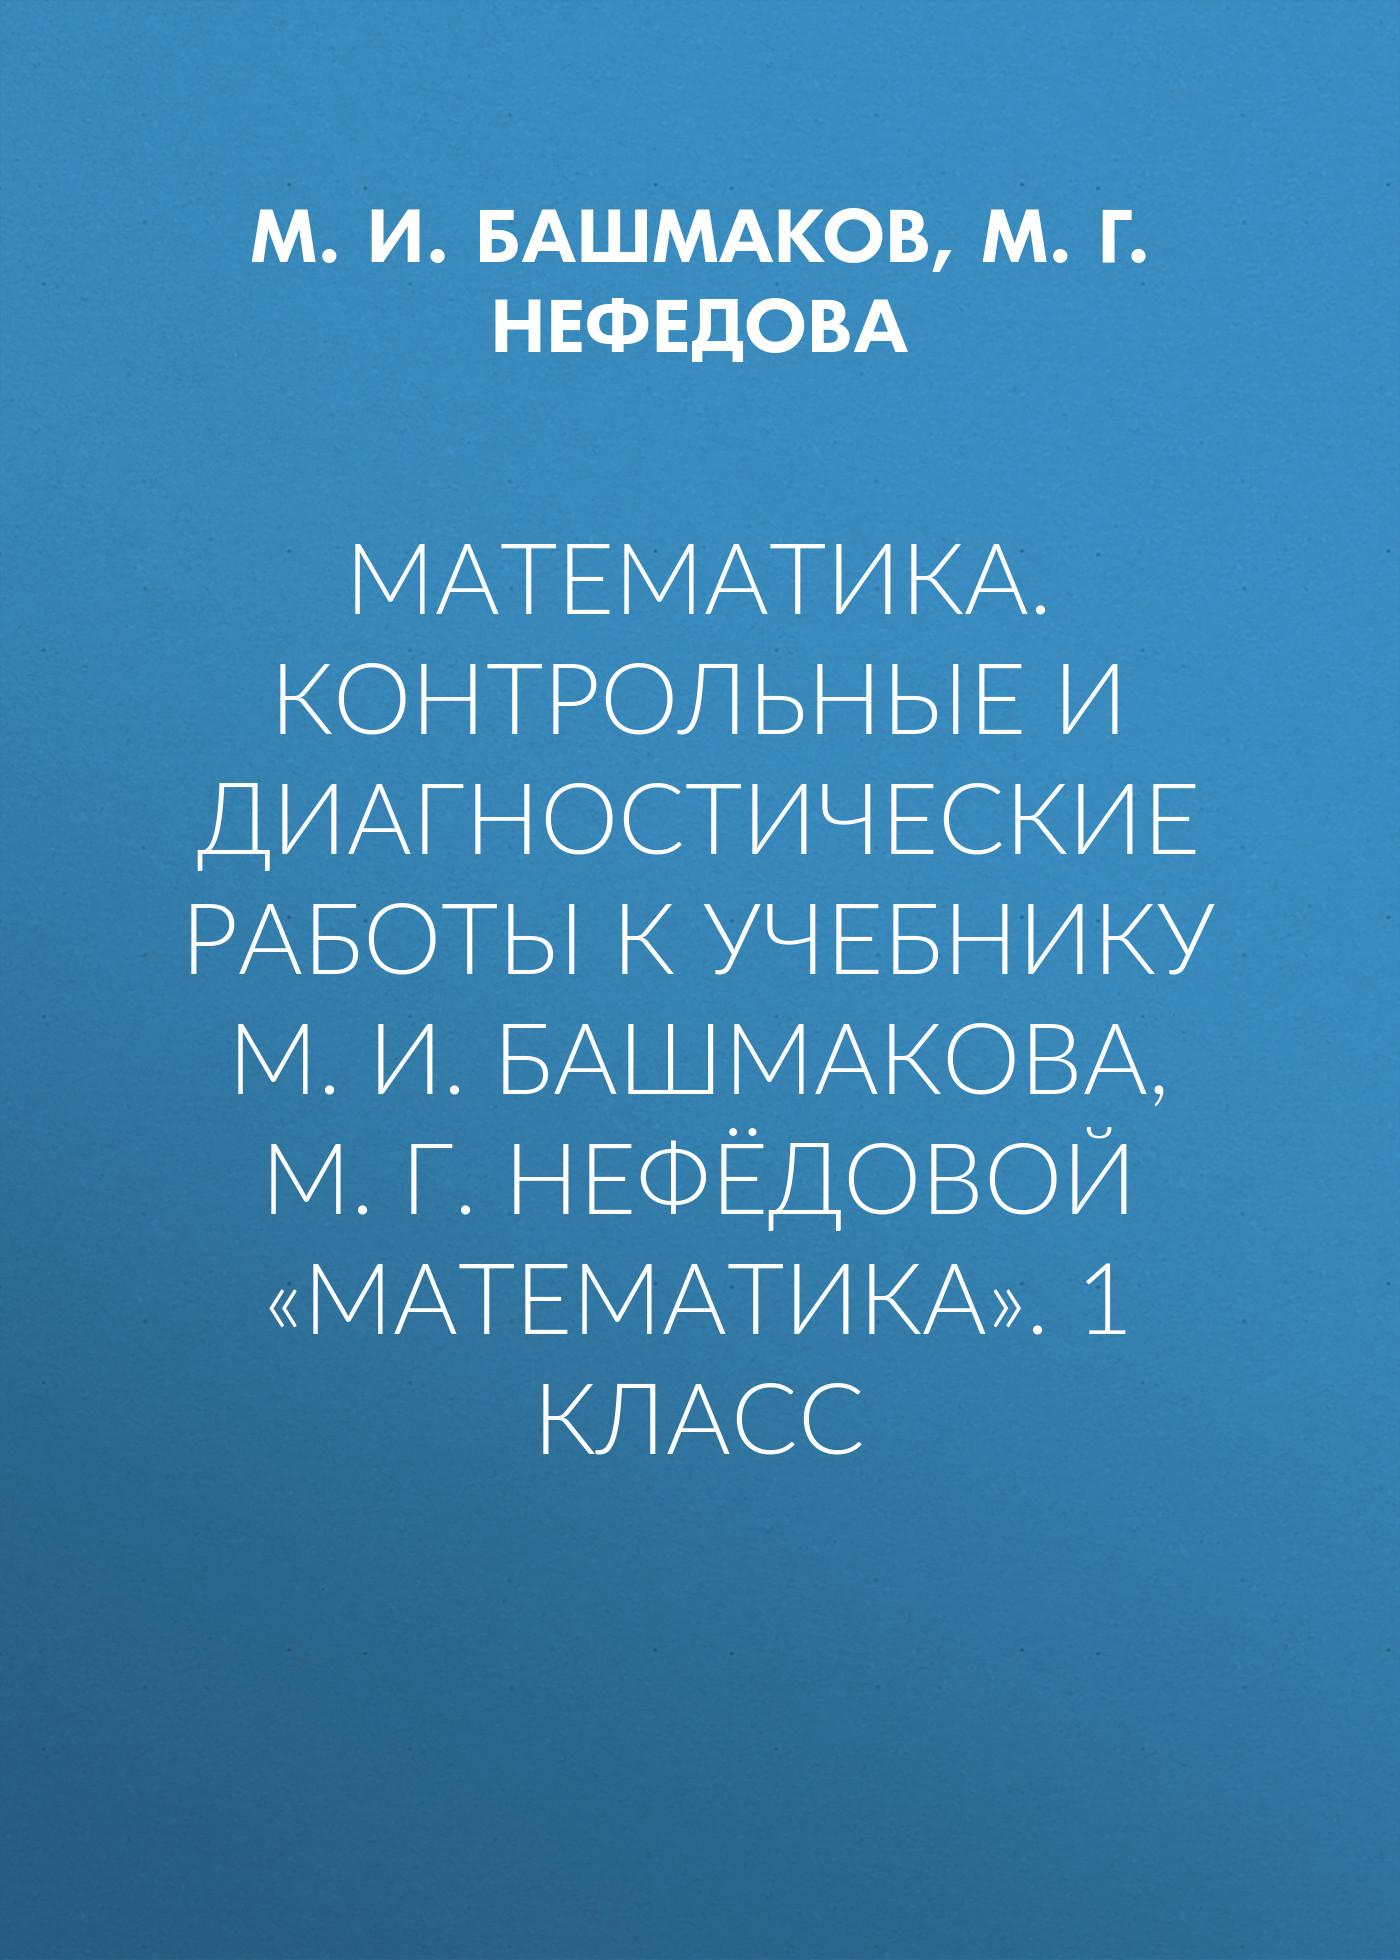 М. И. Башмаков Математика. Контрольные и диагностические работы к учебнику М. И. Башмакова, М. Г. Нефёдовой «Математика». 1 класс